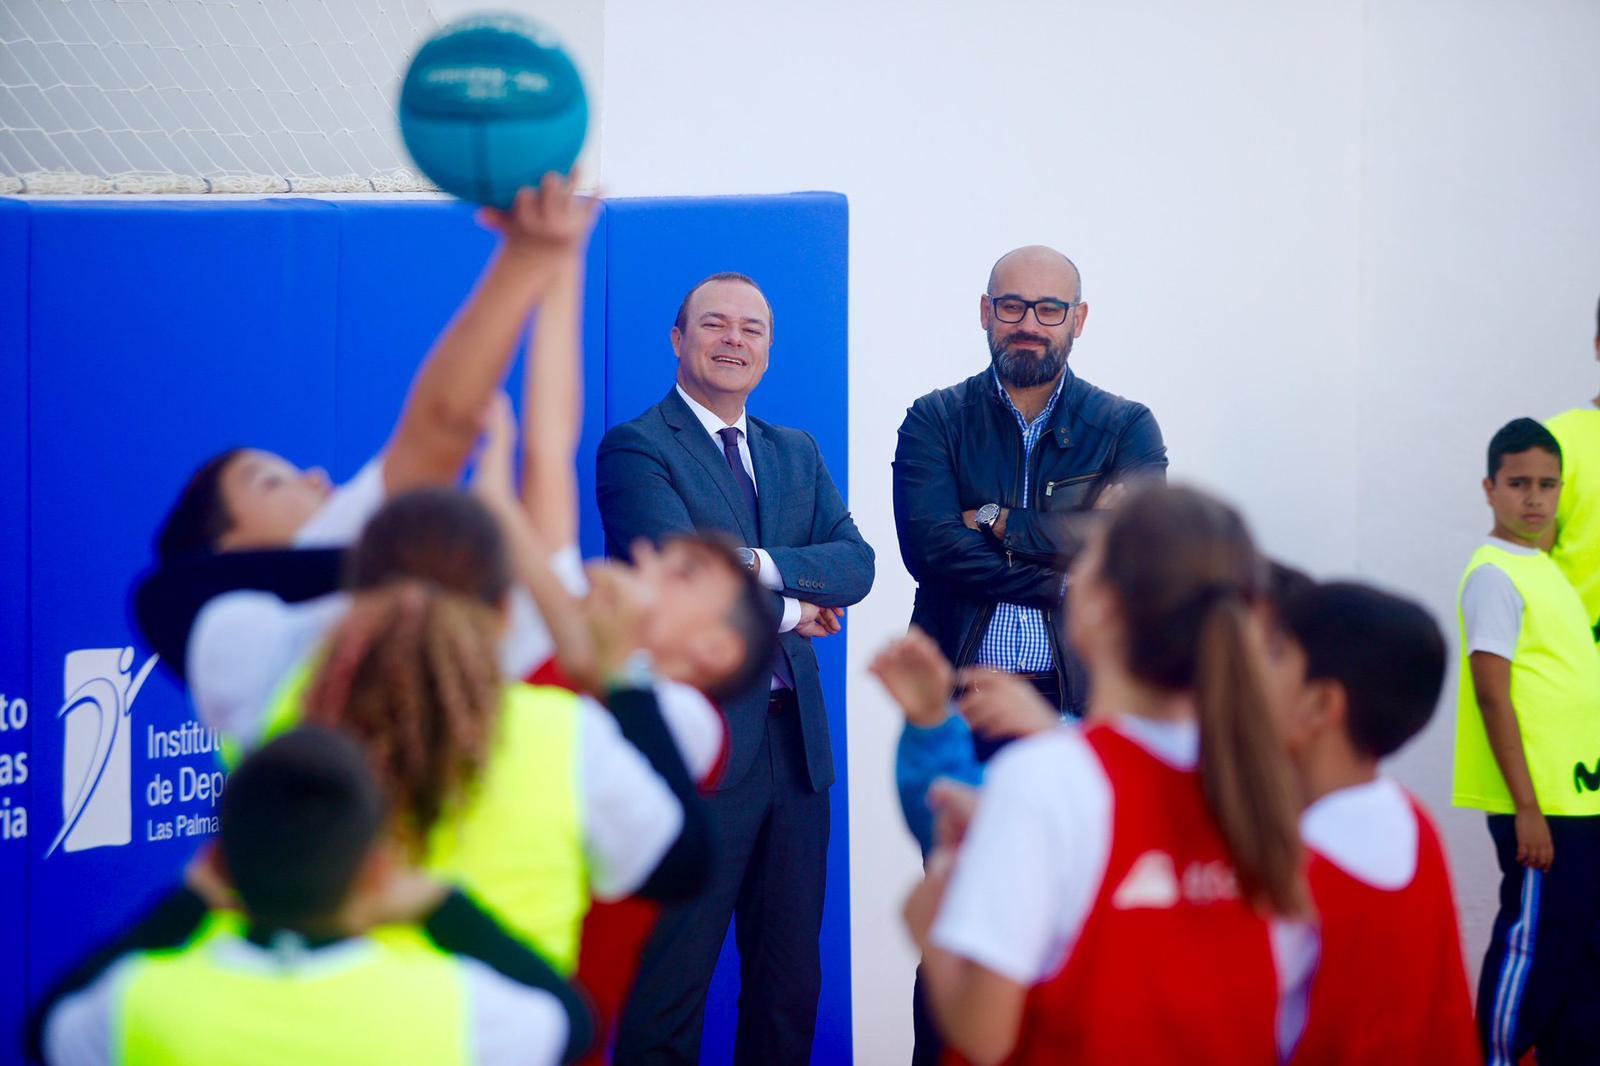 El IMD abona 1.371.135 euros en subvenciones para potenciar el deporte en Las Palmas de Gran Canaria